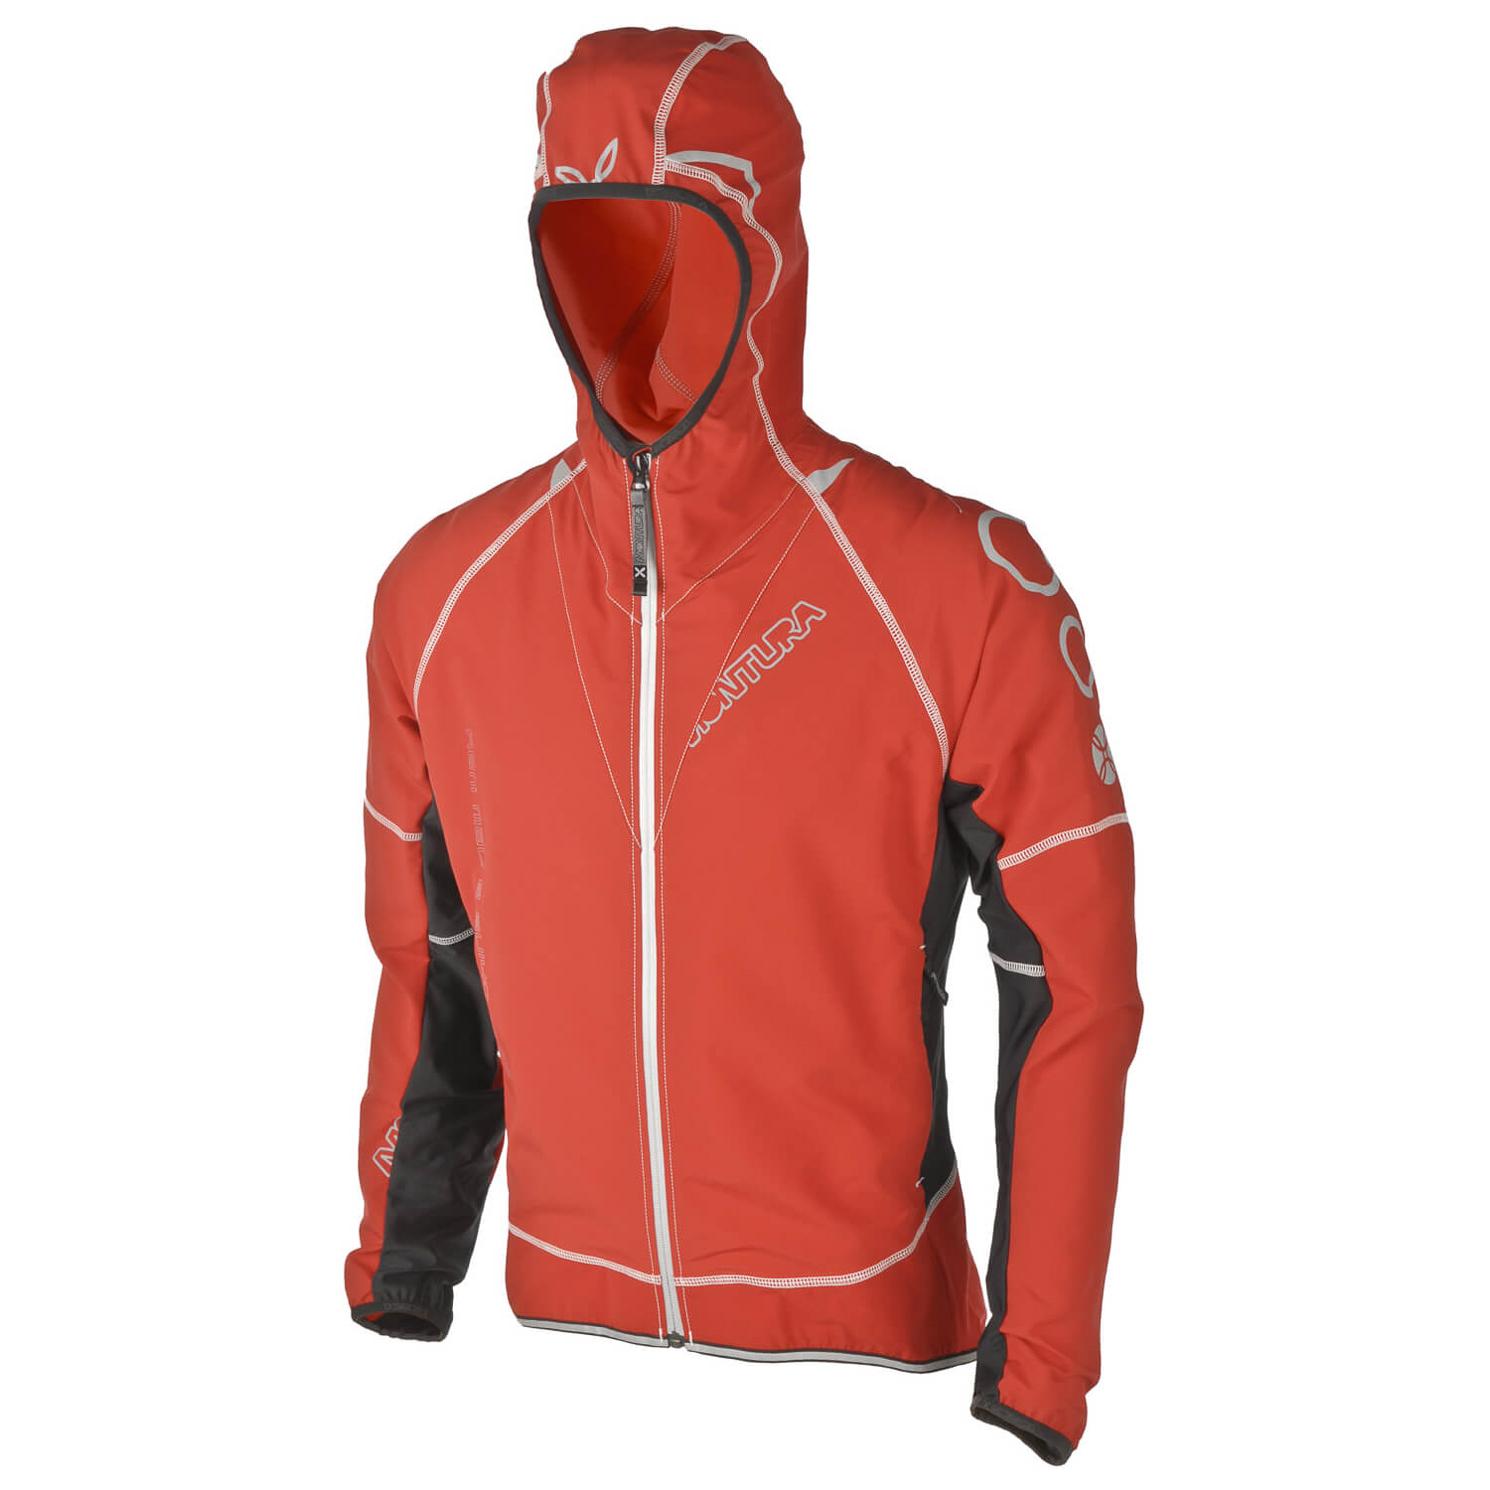 montura run flash jacket veste de running acheter en ligne sans frais de livraison. Black Bedroom Furniture Sets. Home Design Ideas